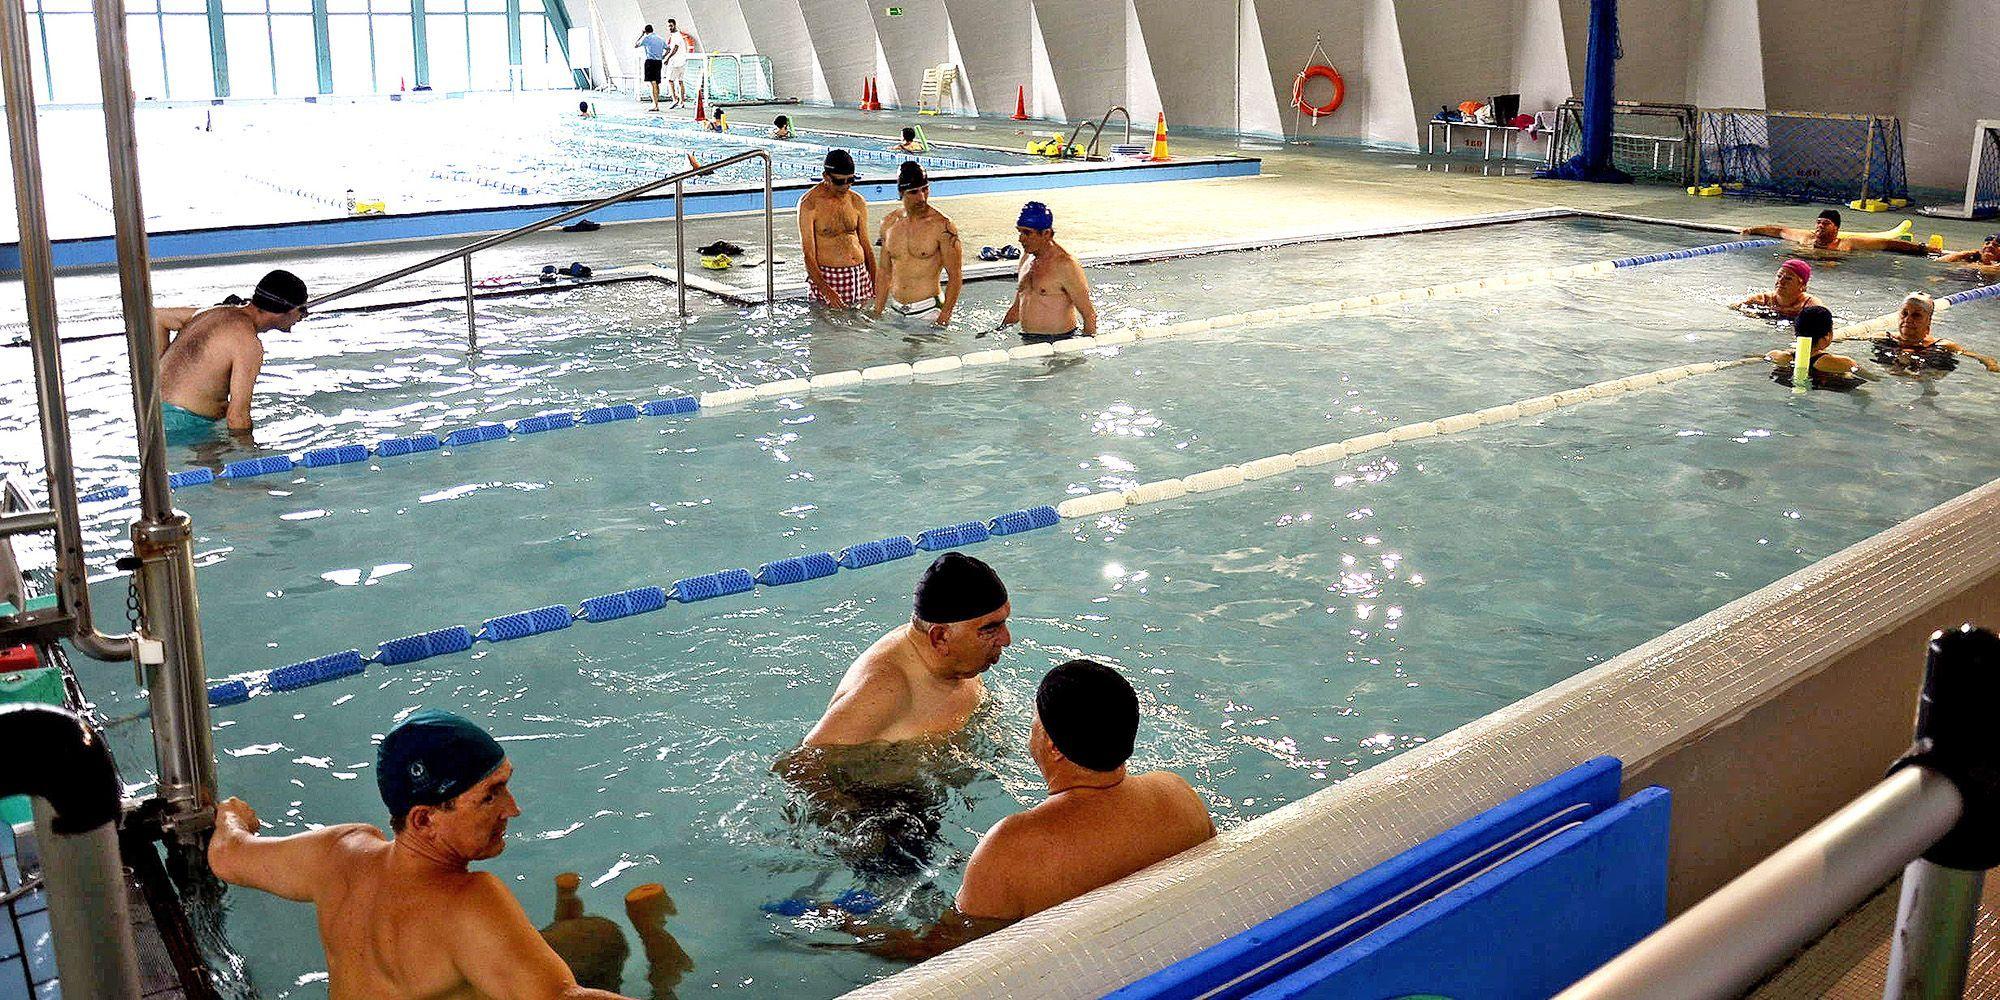 Ofertan 219 cursos de nataci n en las piscinas cubiertas for Piscina cubierta madridejos